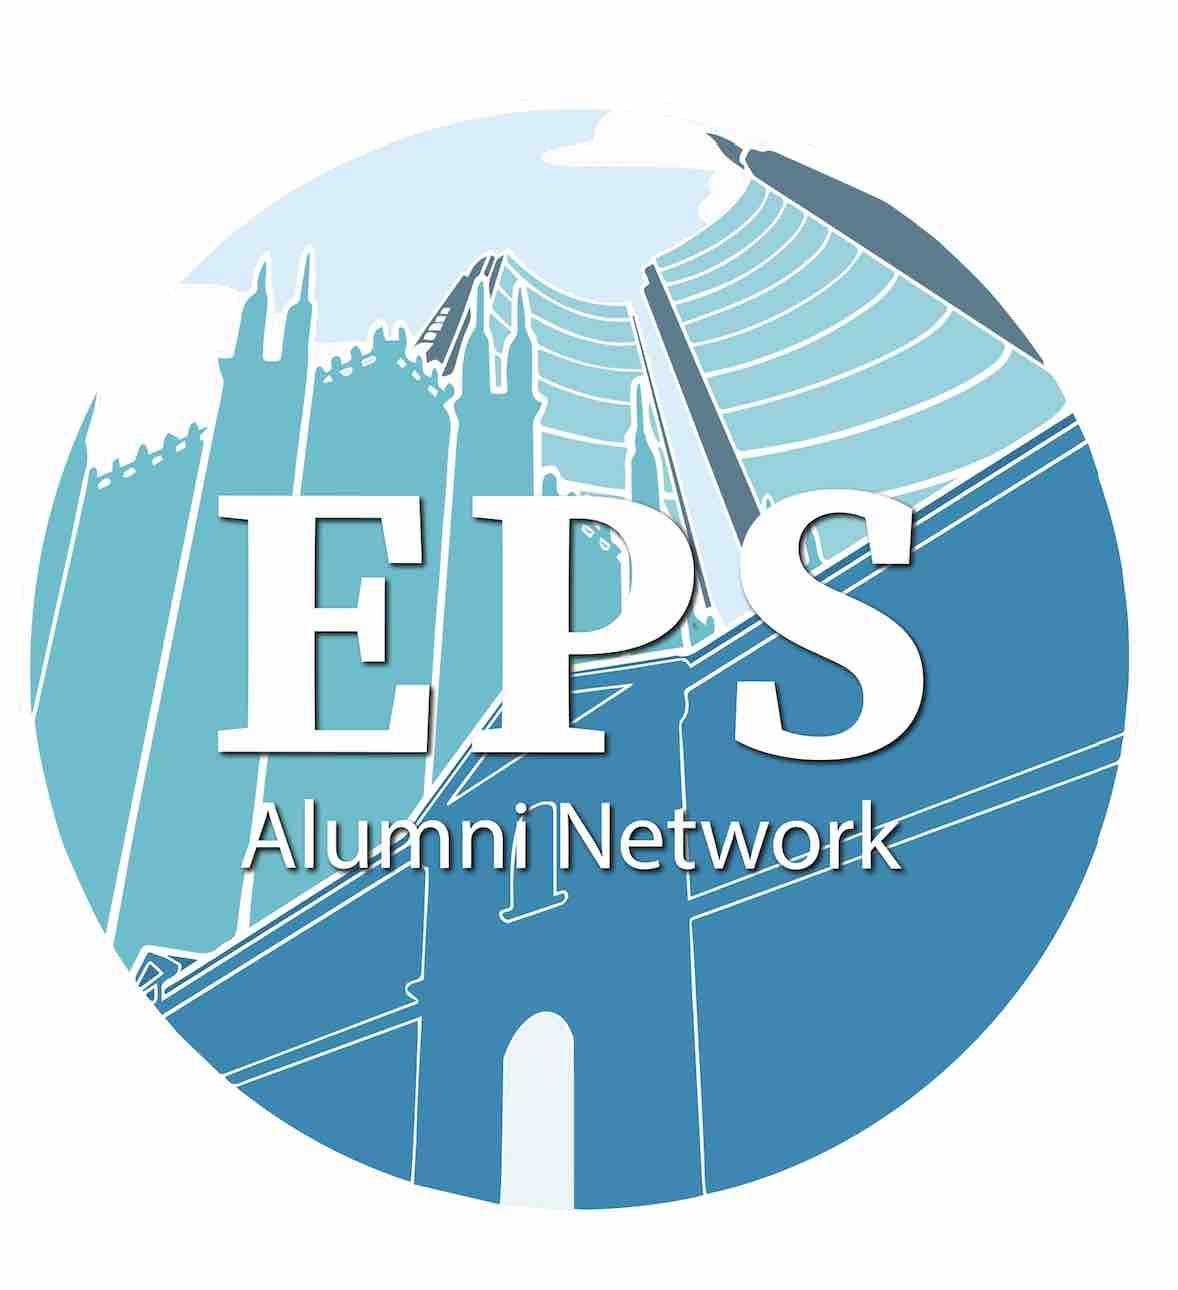 Eps Alumni network